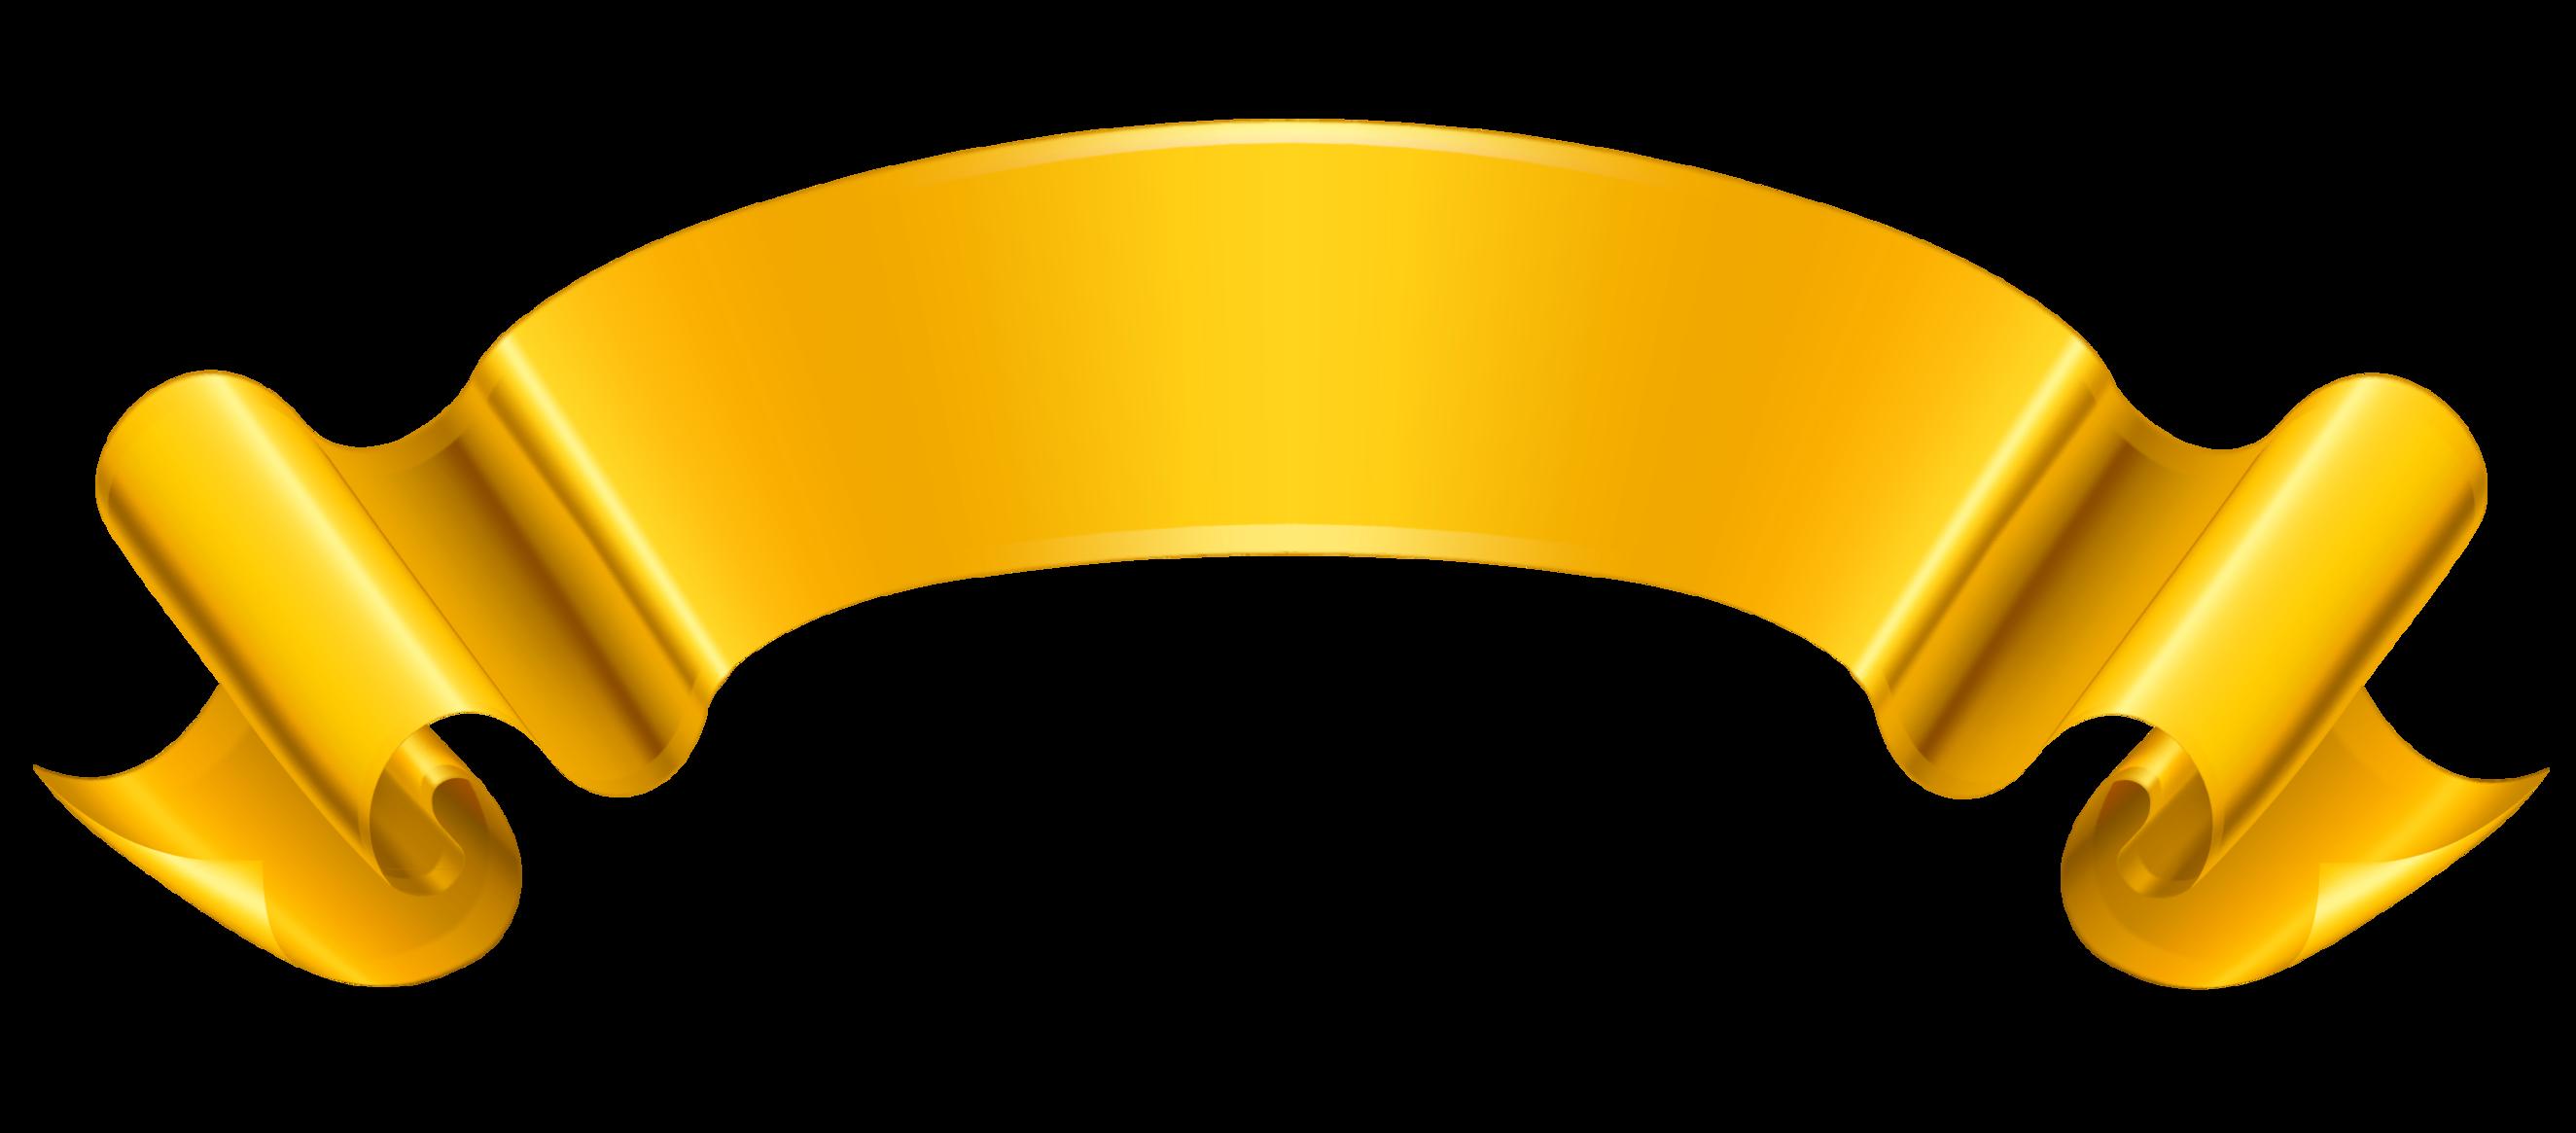 Logo ribbon clipart png vector transparent download Logo ribbon clipart png - ClipartFest vector transparent download